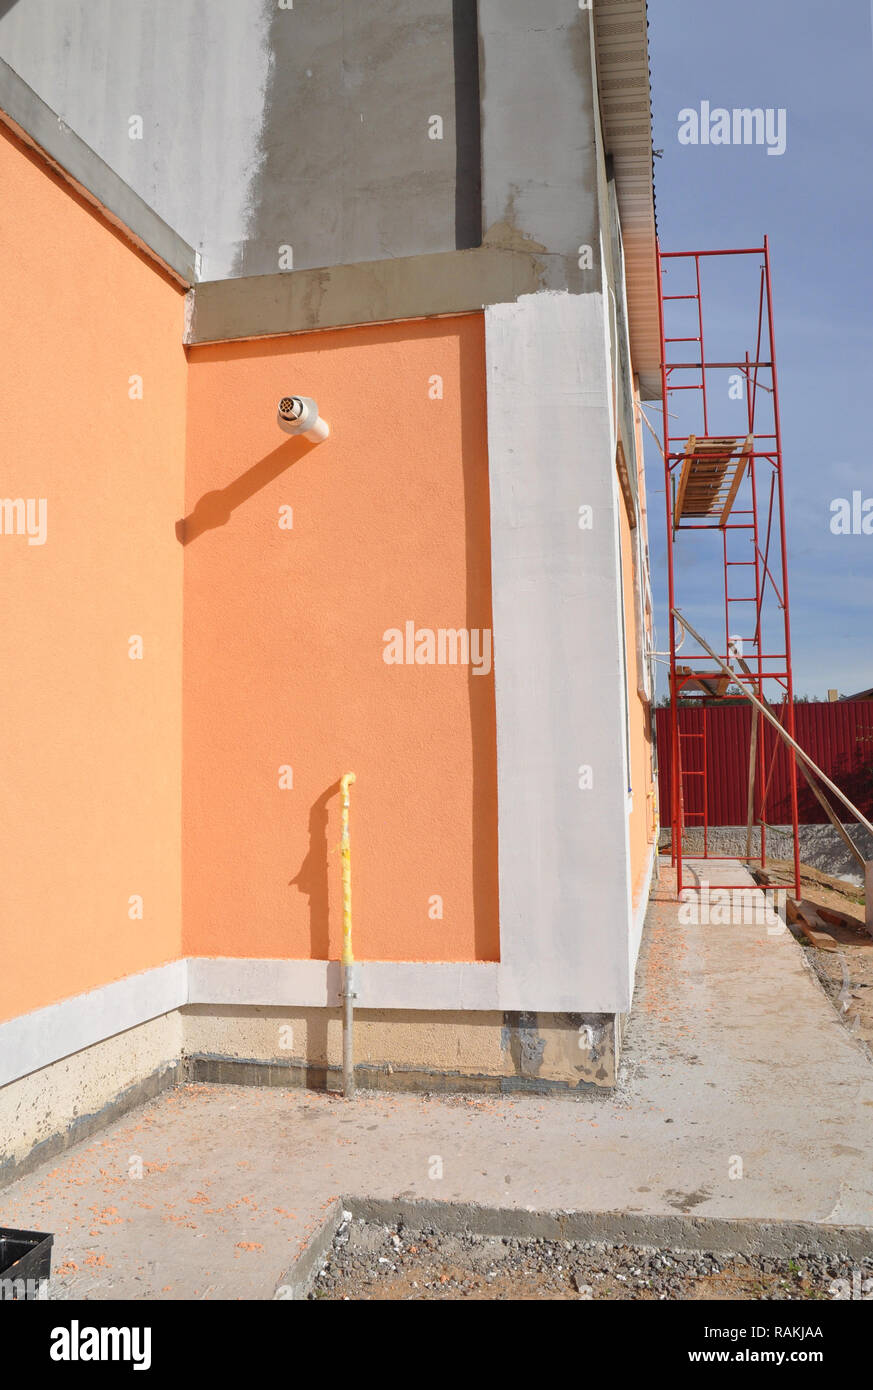 isolation maison humide